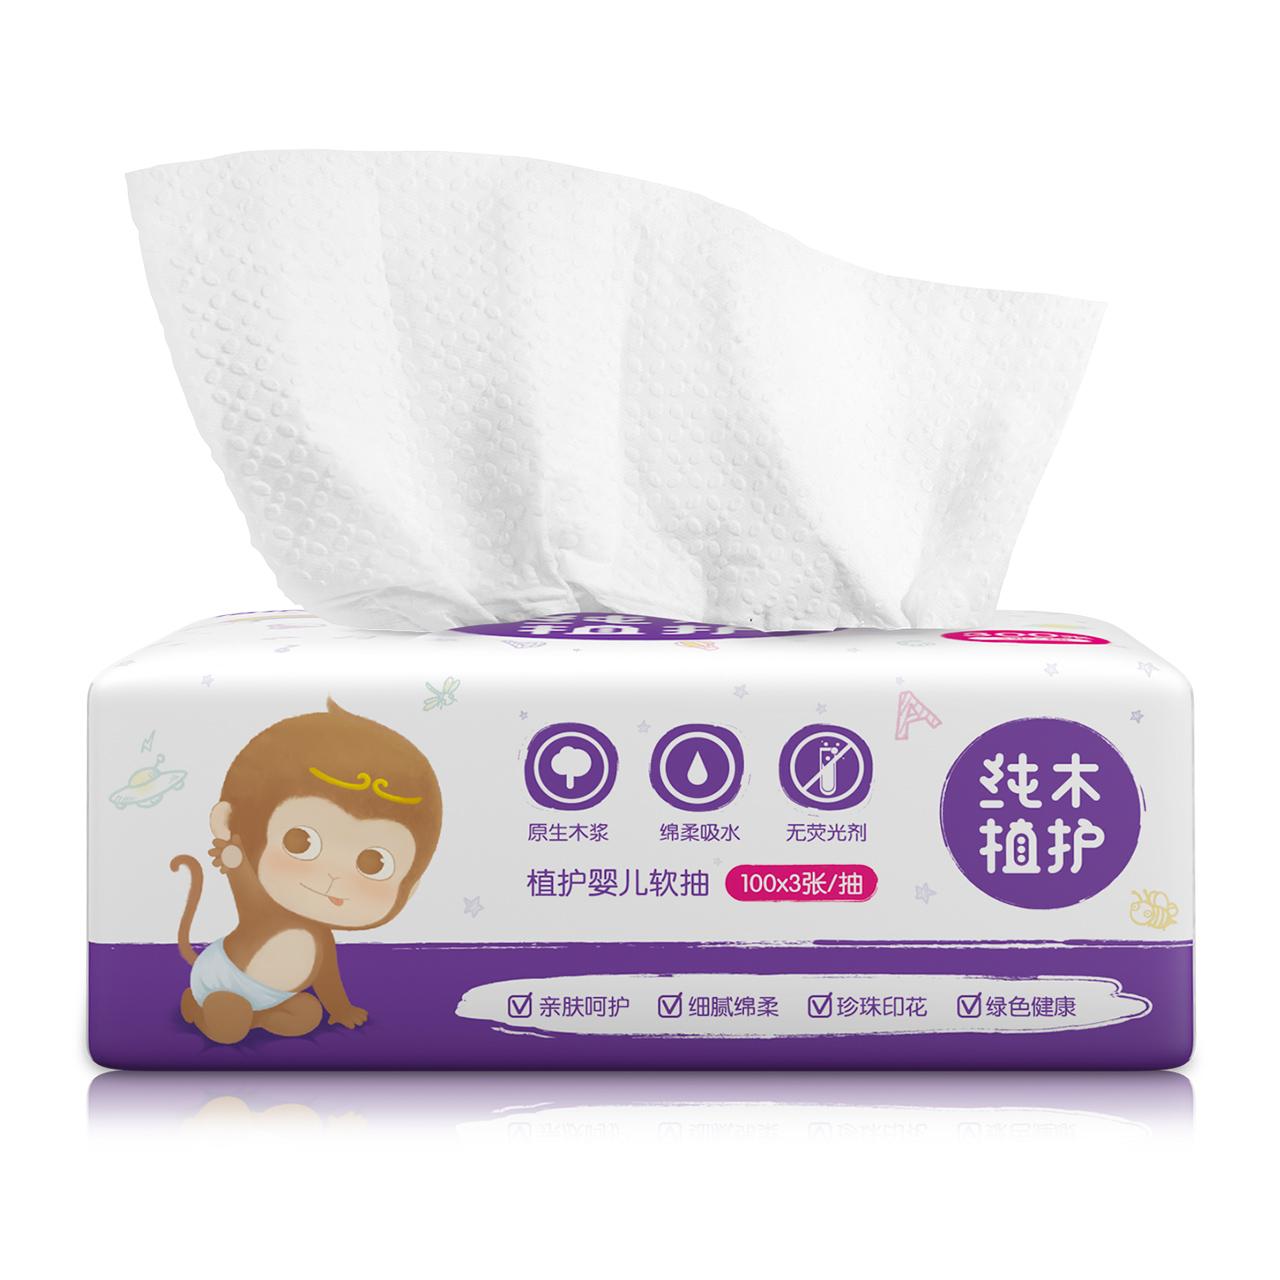 植护婴儿专用抽纸巾整箱批18大包婴幼儿家用卫生纸实惠装大号400